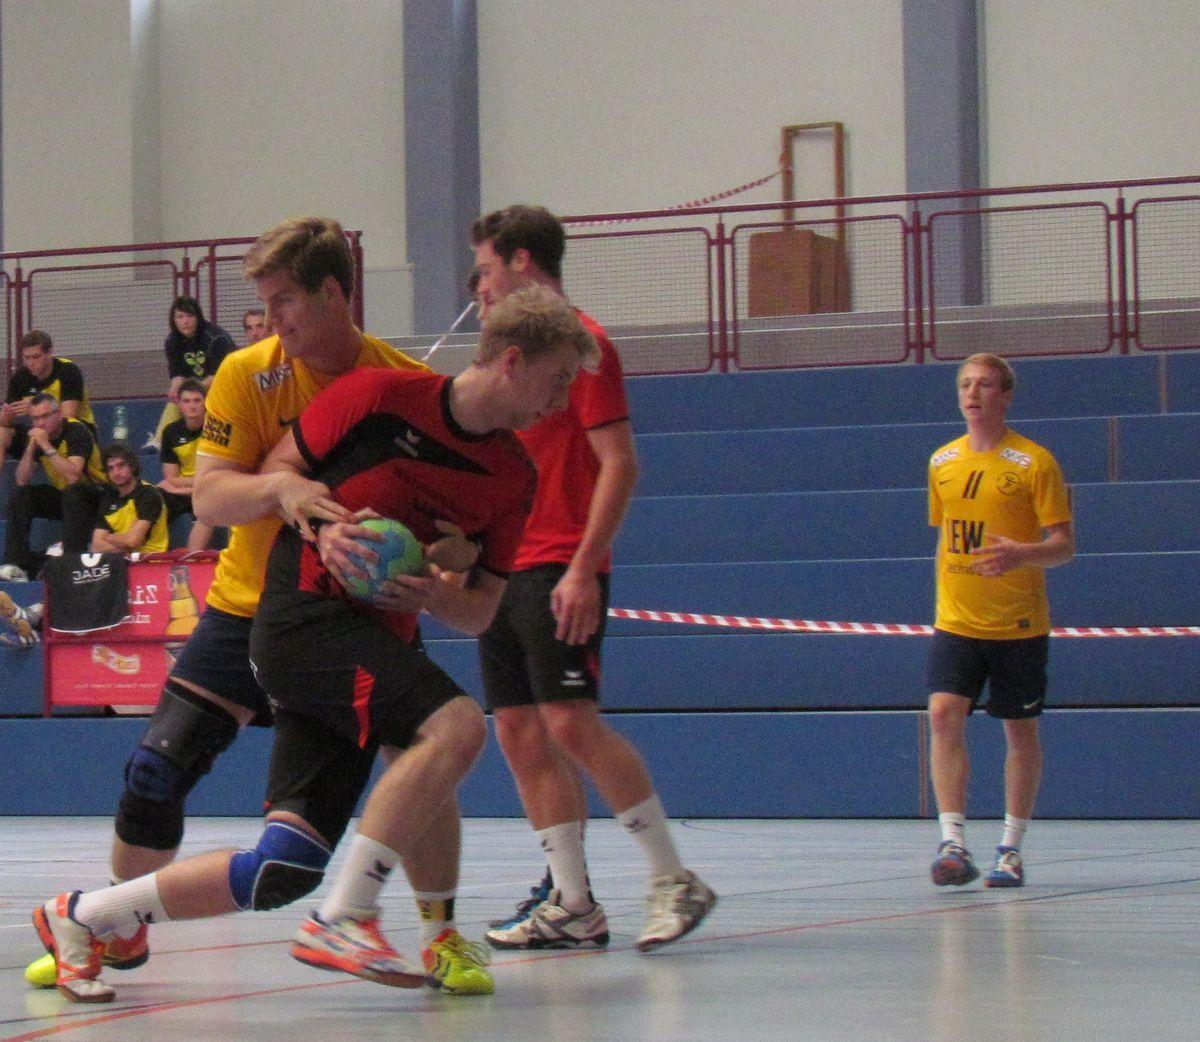 2014-05-10 14.09.59 handball_bhv_quali_02